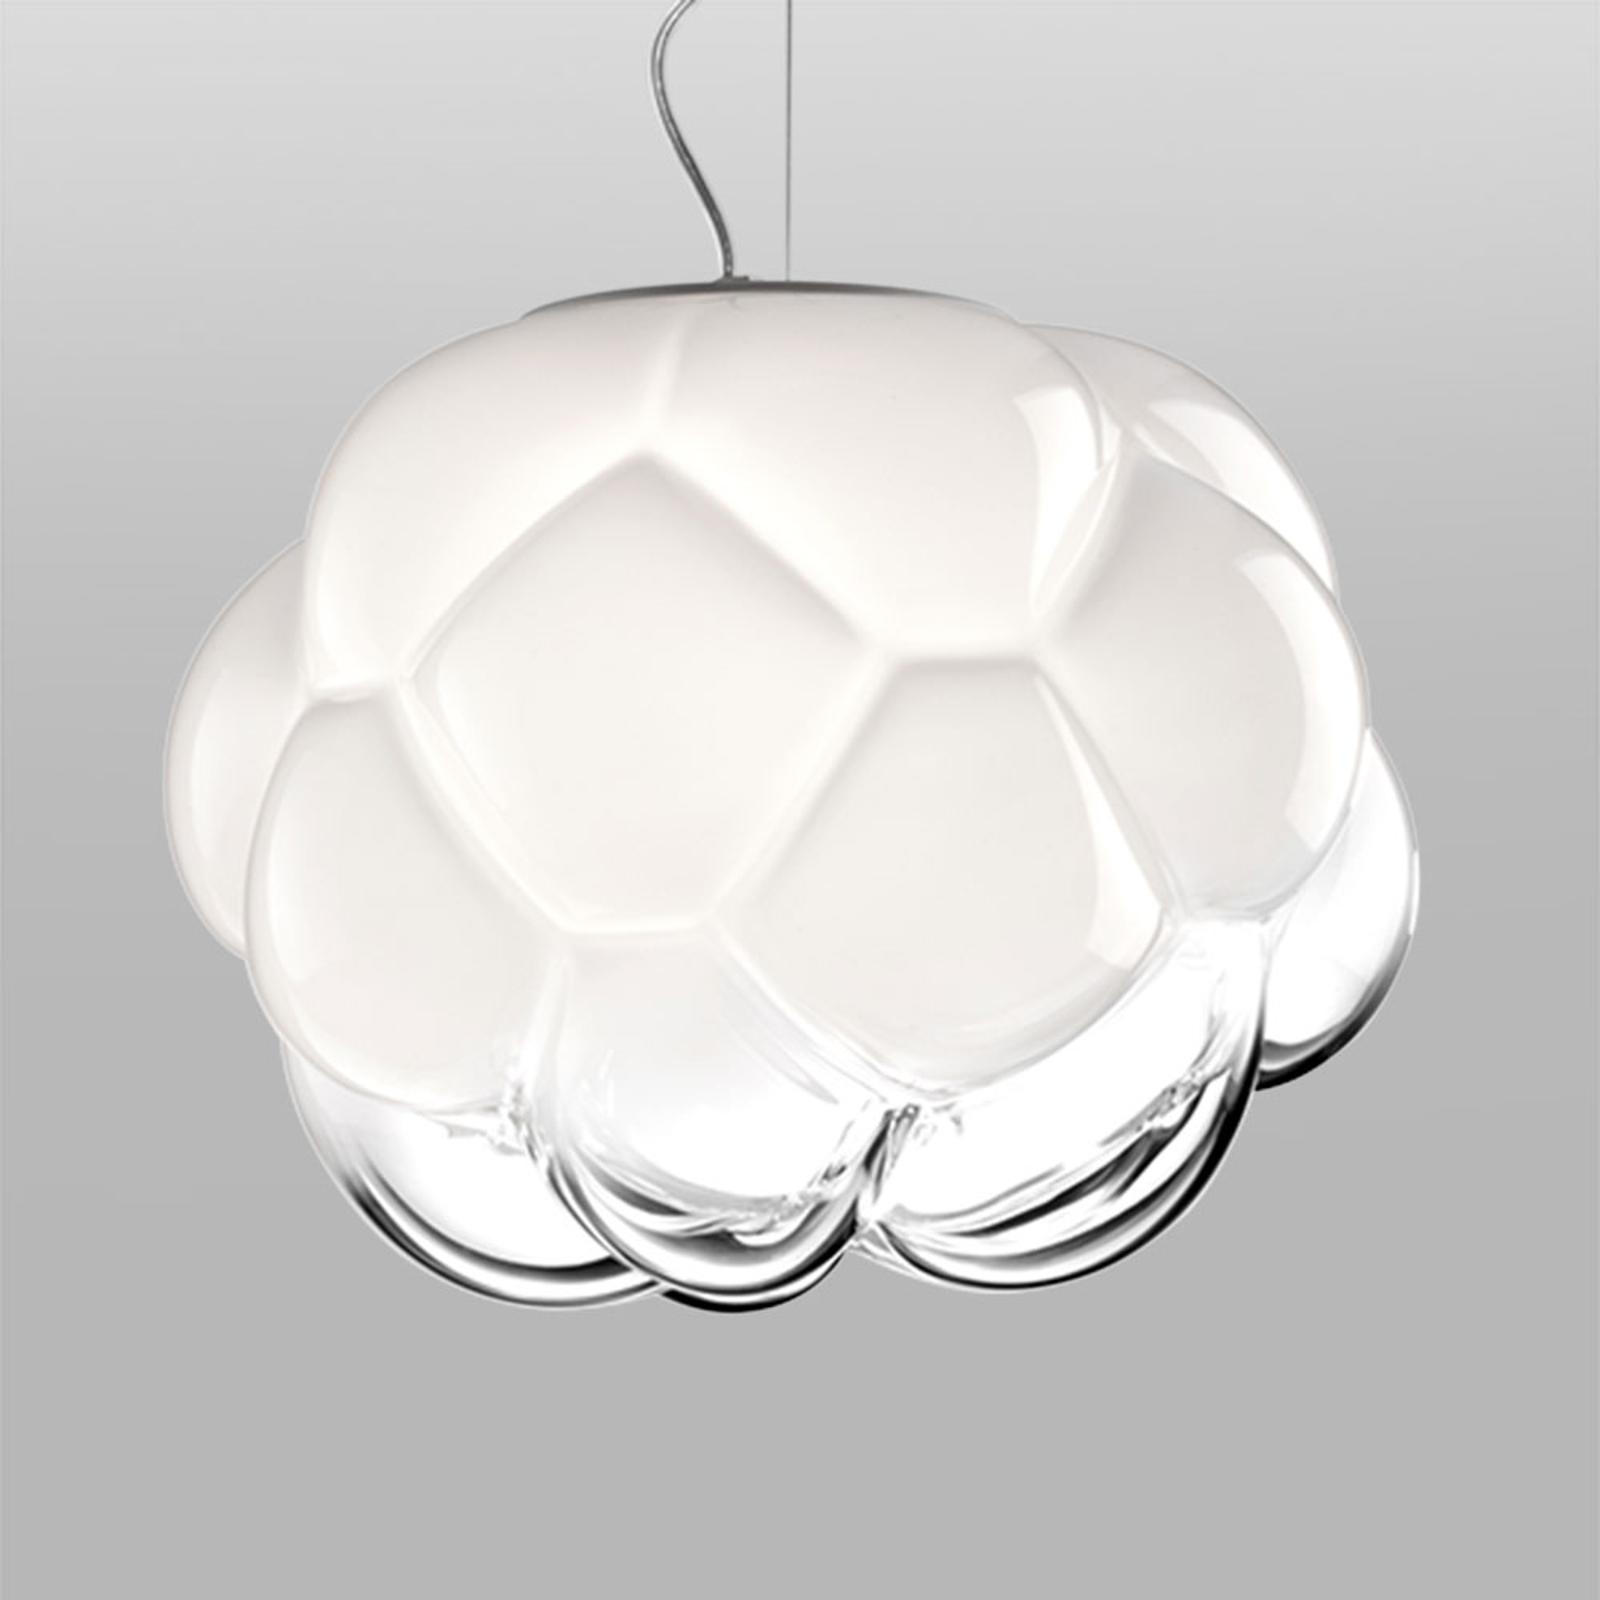 Lampa wisząca LED CLOUDY w kształcie chmurki 40 cm